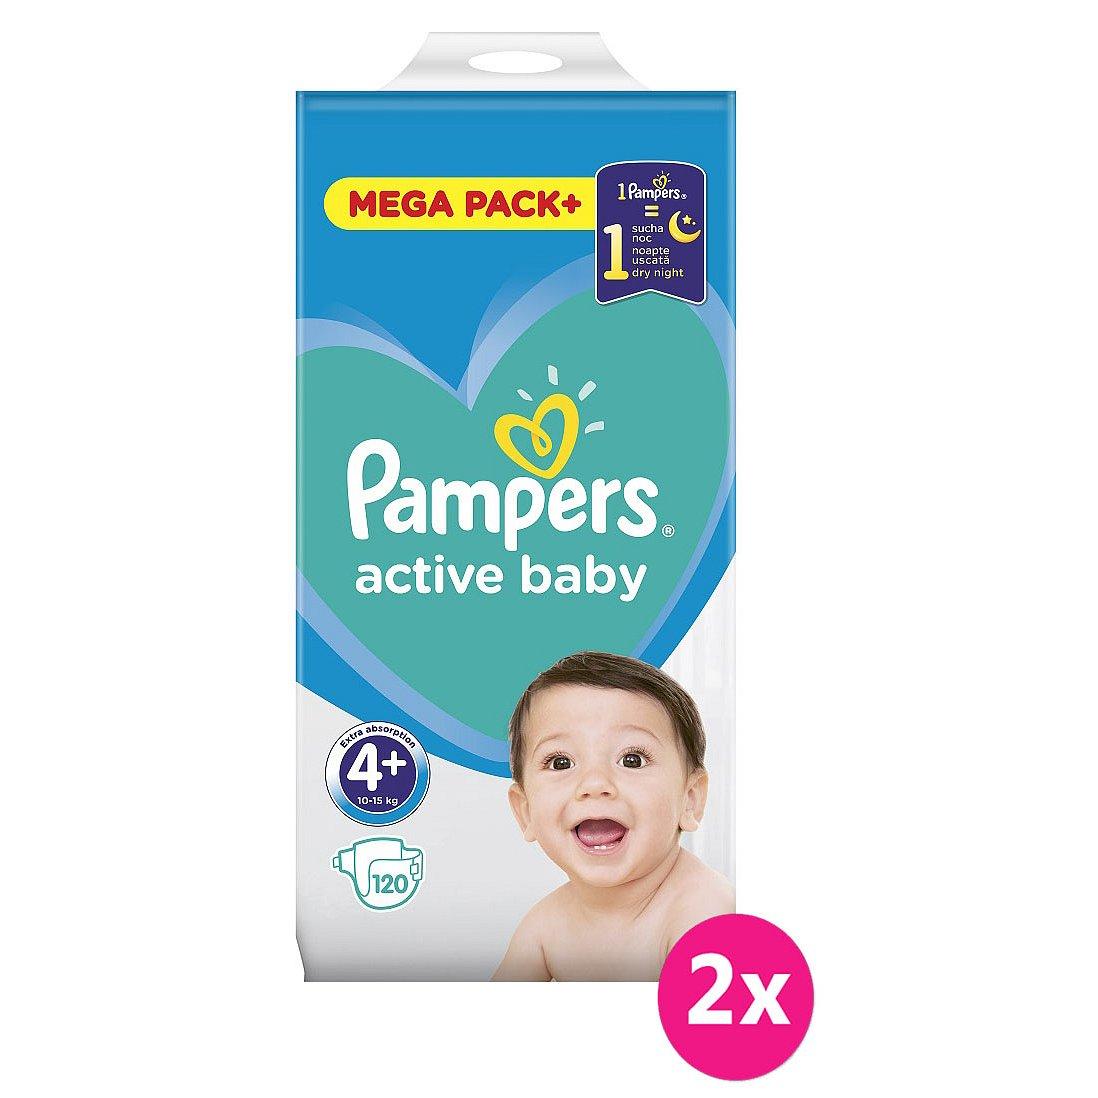 2x PAMPERS Active Baby 4+ (10-15kg) 120ks MEGA PACK – jednorázové pleny